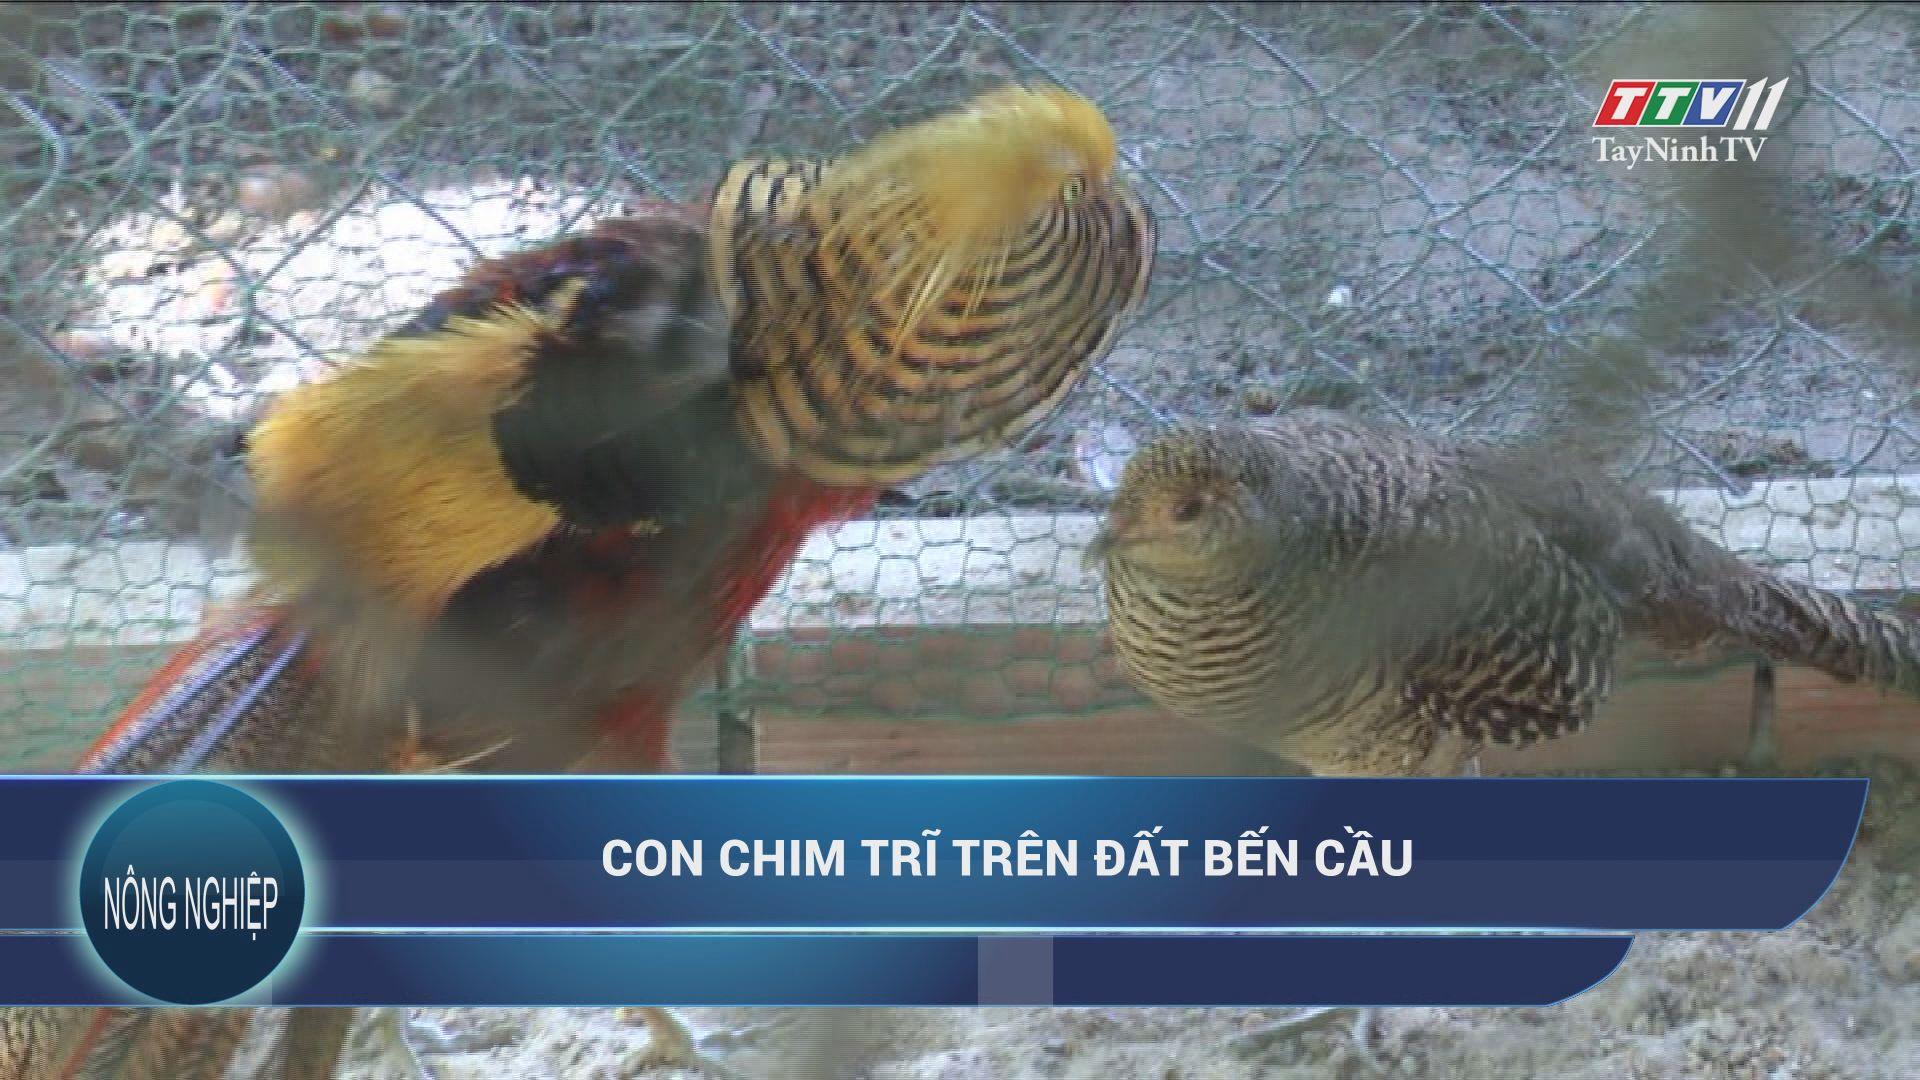 Con chim trĩ trên đất Bến Cầu | NÔNG NGHIỆP TÂY NINH | TayNinhTV